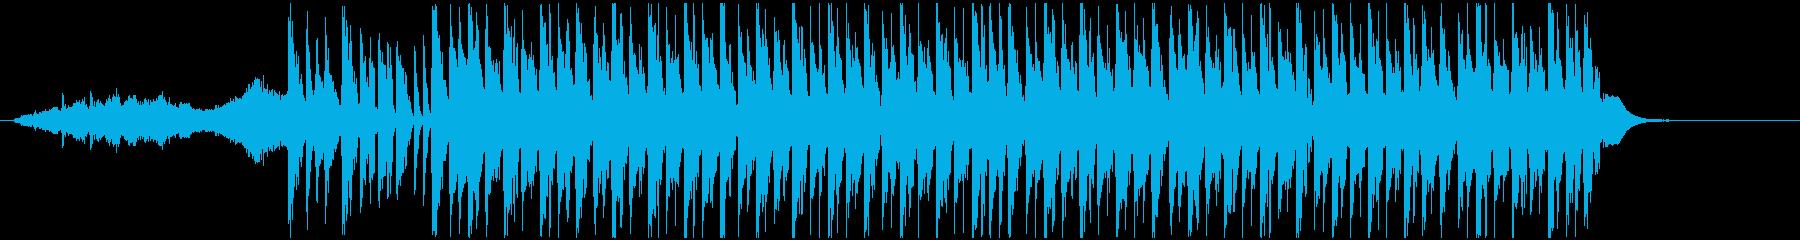 クイズの答えを考える間に流れそうなBGMの再生済みの波形